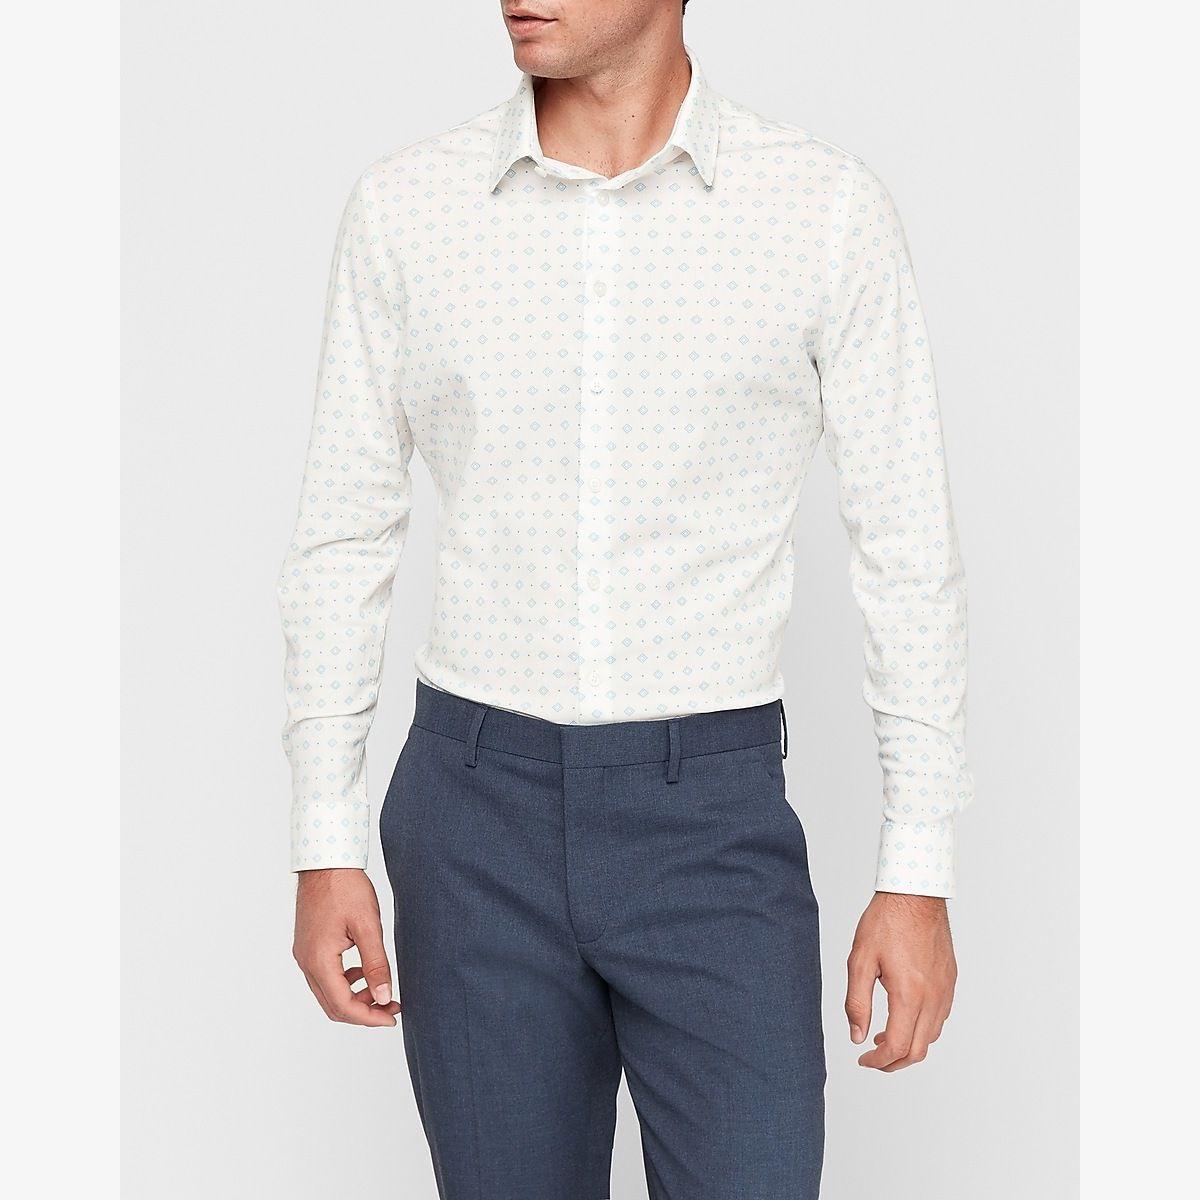 Extra Slim Diamond Geometric Print Dress Shirt White Men's L 2